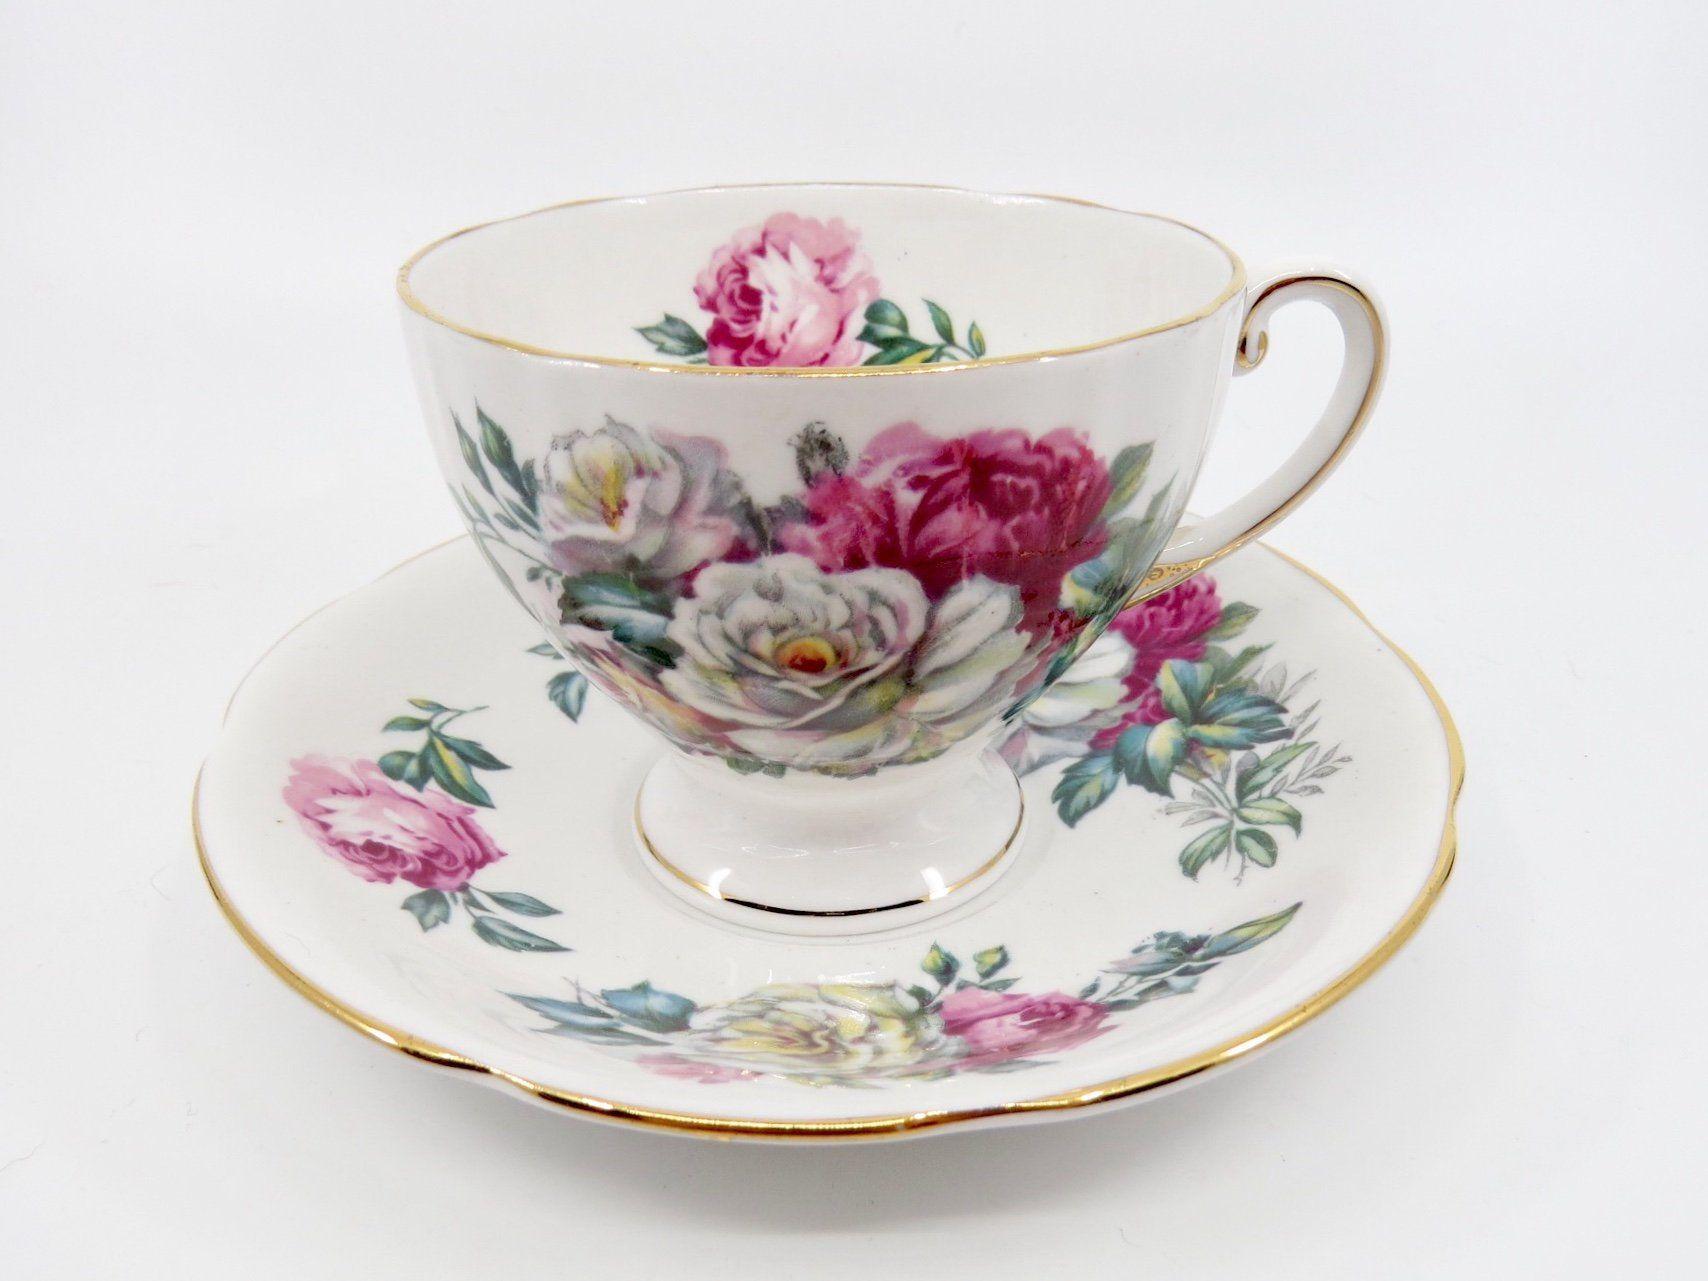 Royal Standard Irish Elegance Tea Cup And Saucer Pink